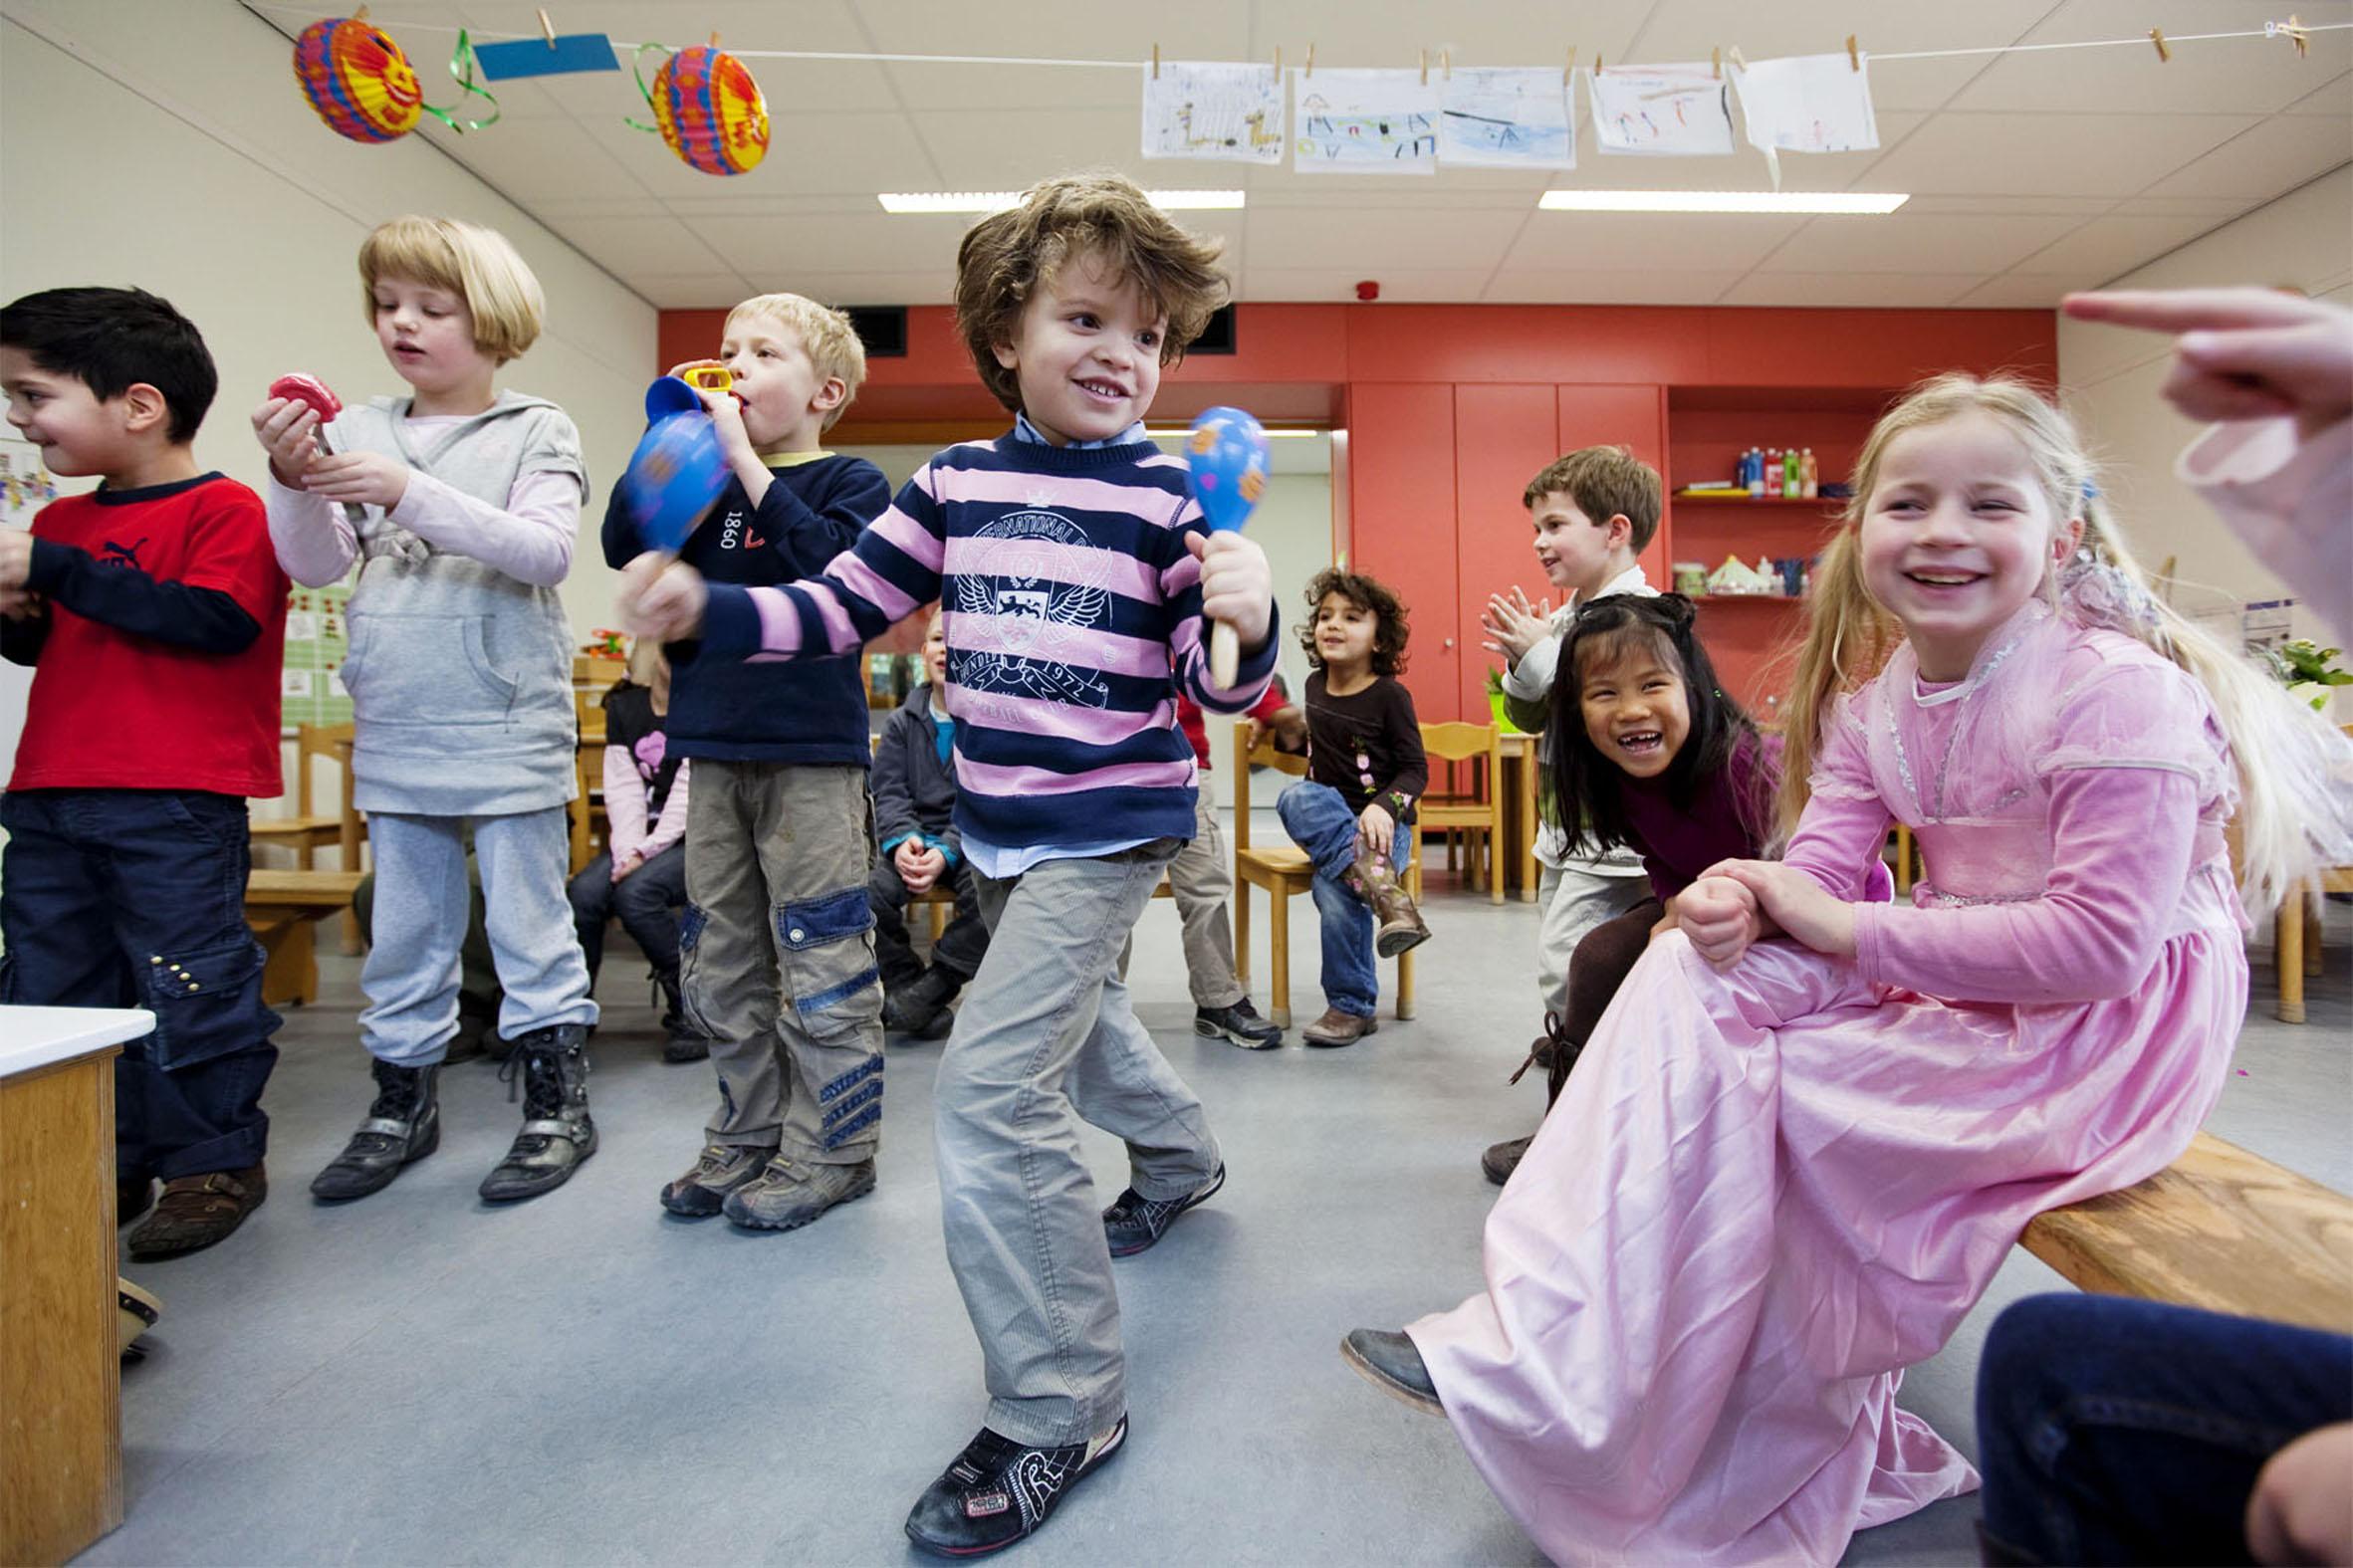 Samarbeid, diskusjon og positive læreopplevelser står sentralt hos Dewey. Foto: Atelier Pro/Jannes Linders, Flickr